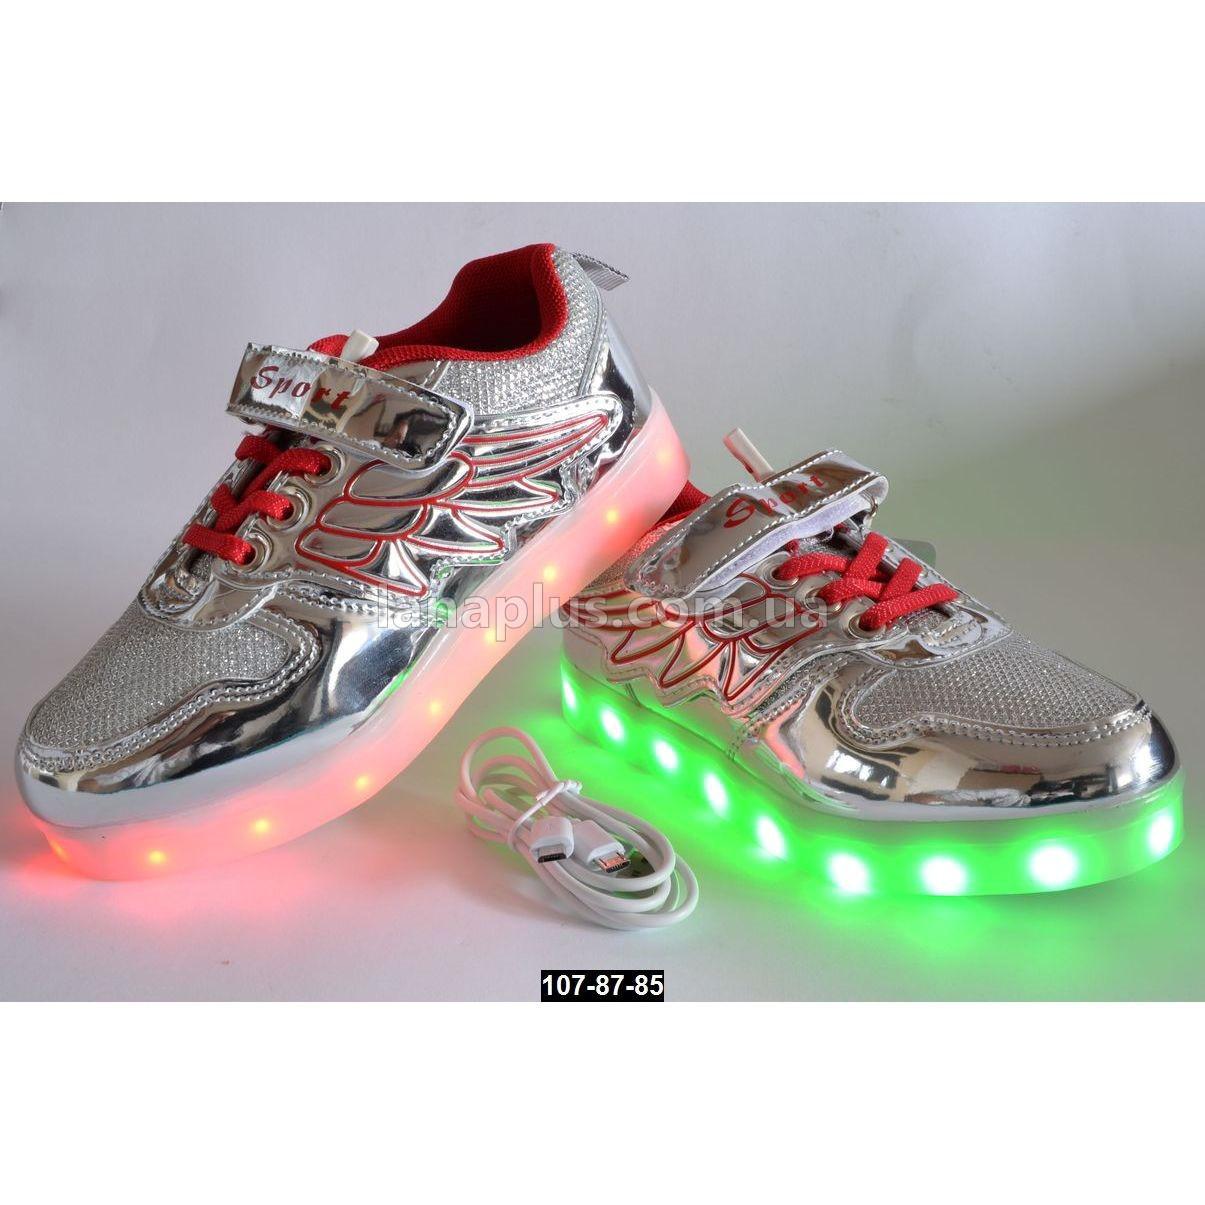 Светящиеся кроссовки, USB, 29 размер (18.5 см), 11 режимов LED подсветки, супинатор